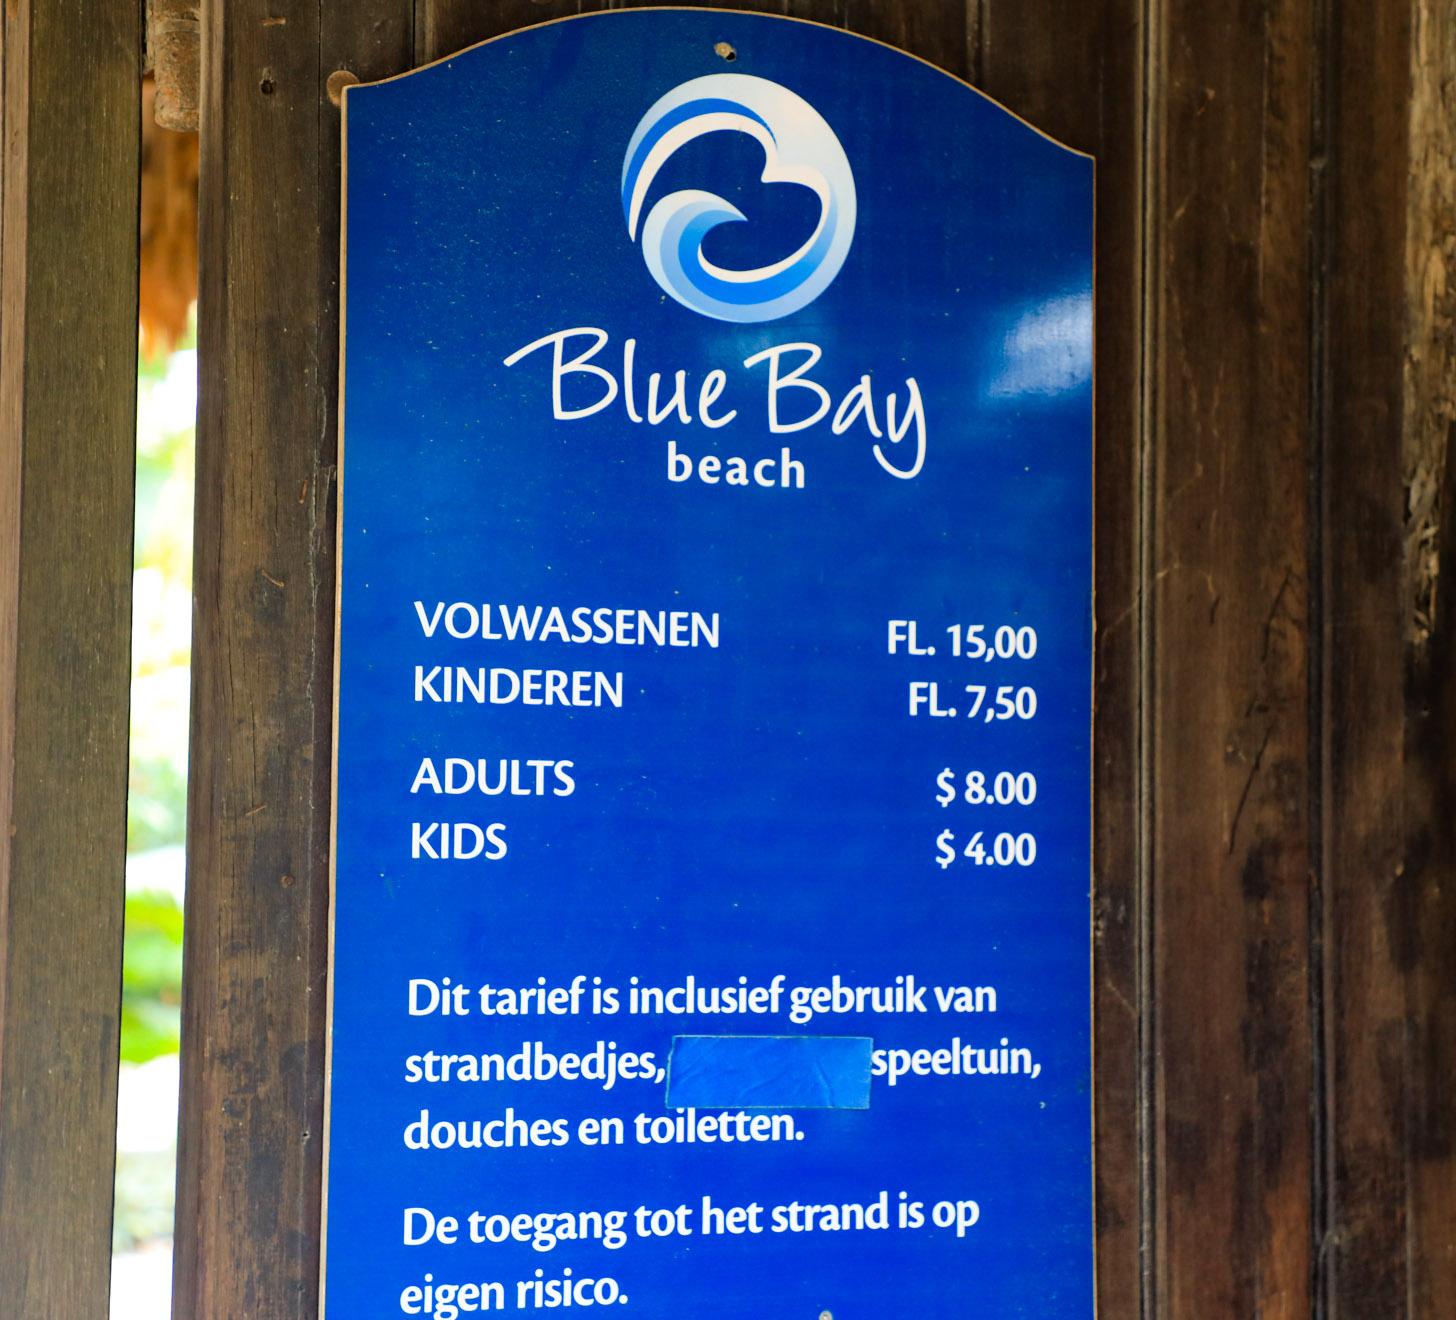 Op Curacao is het vrij normaal dat je moet betalen voor de toegang tot het strand